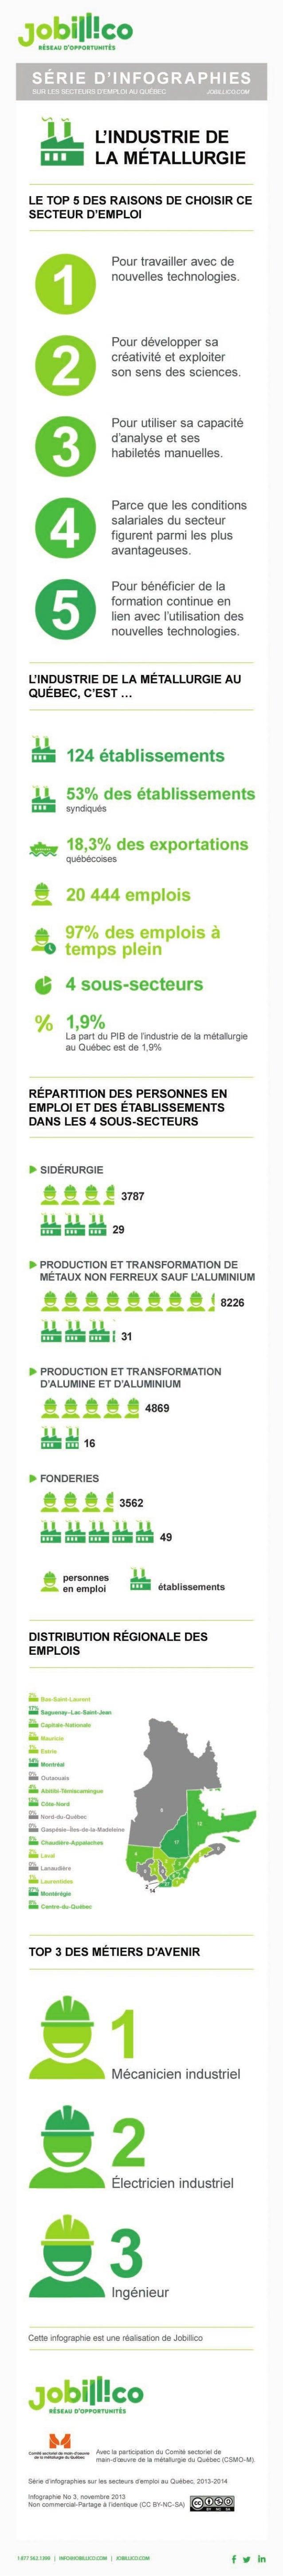 L'emploi dans la métallurgie au Québec: ouvriers, techniciens, ingénieurs mènent le bal